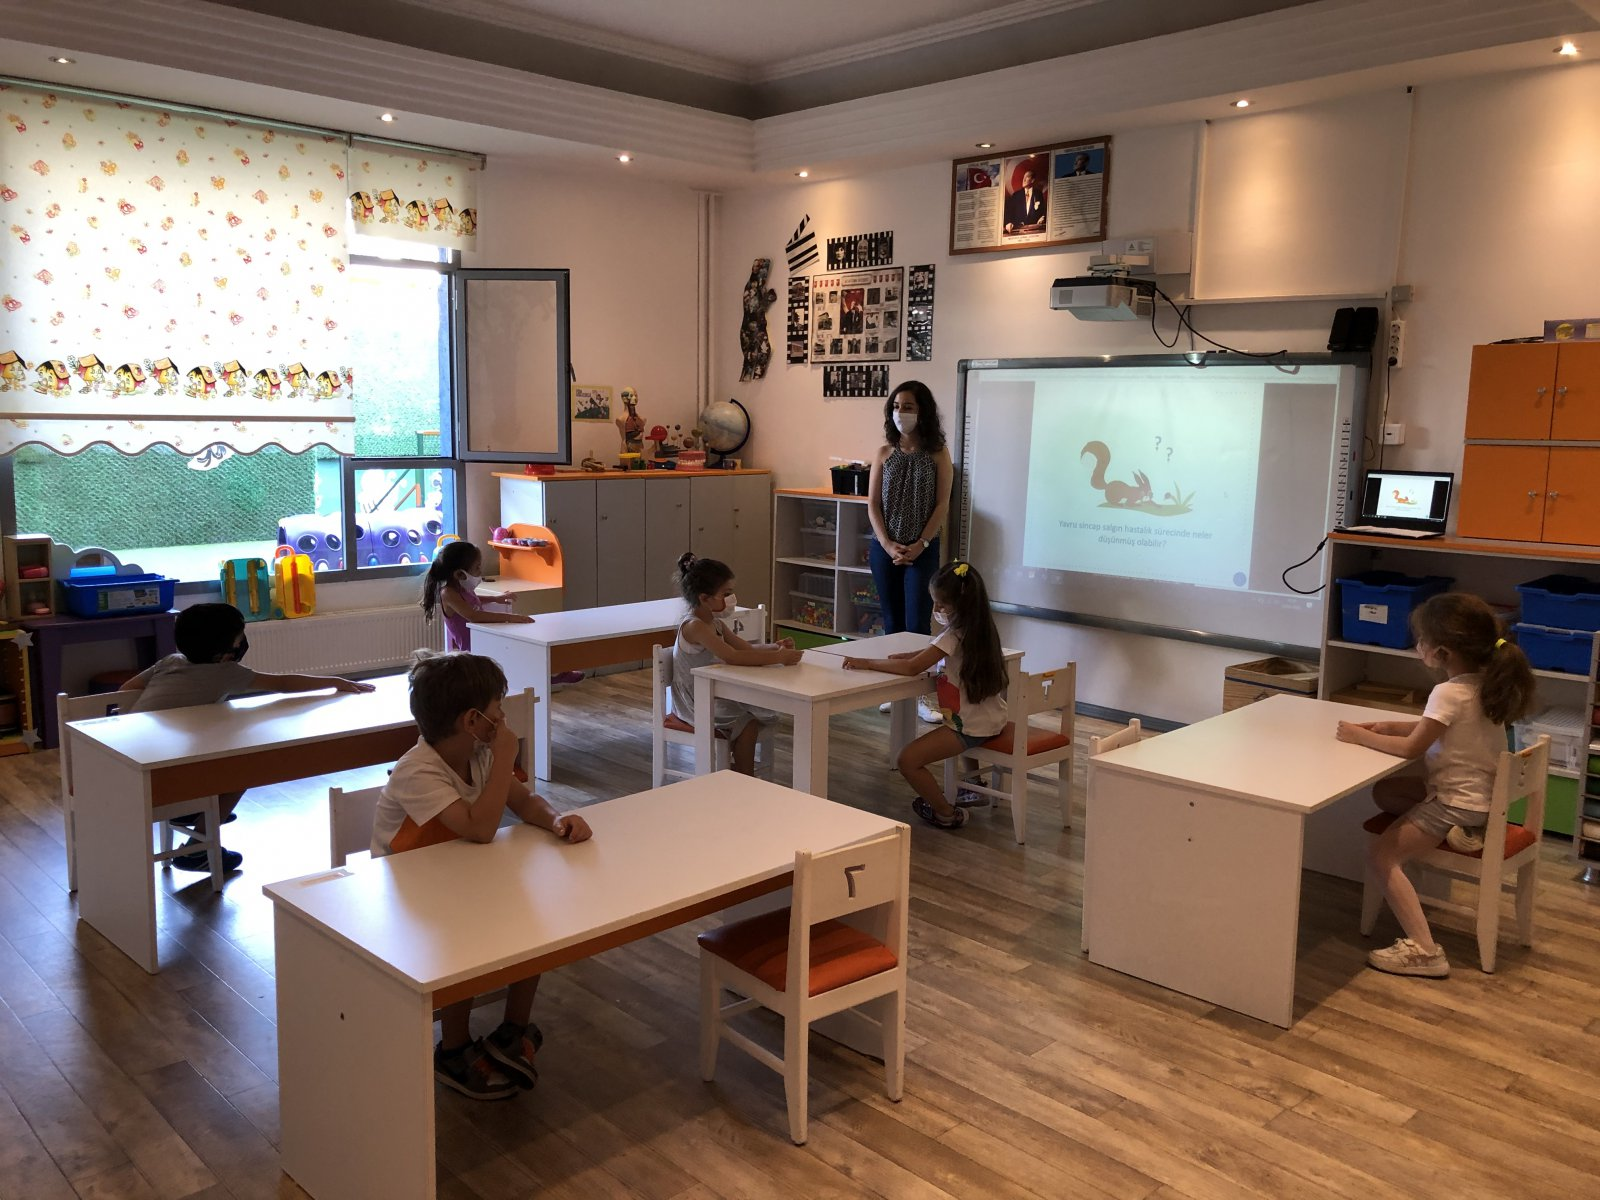 Ana Sınıfı Öğrencileri İçin Psikososyal Destek Programı (1.2.3. Oturumlar)